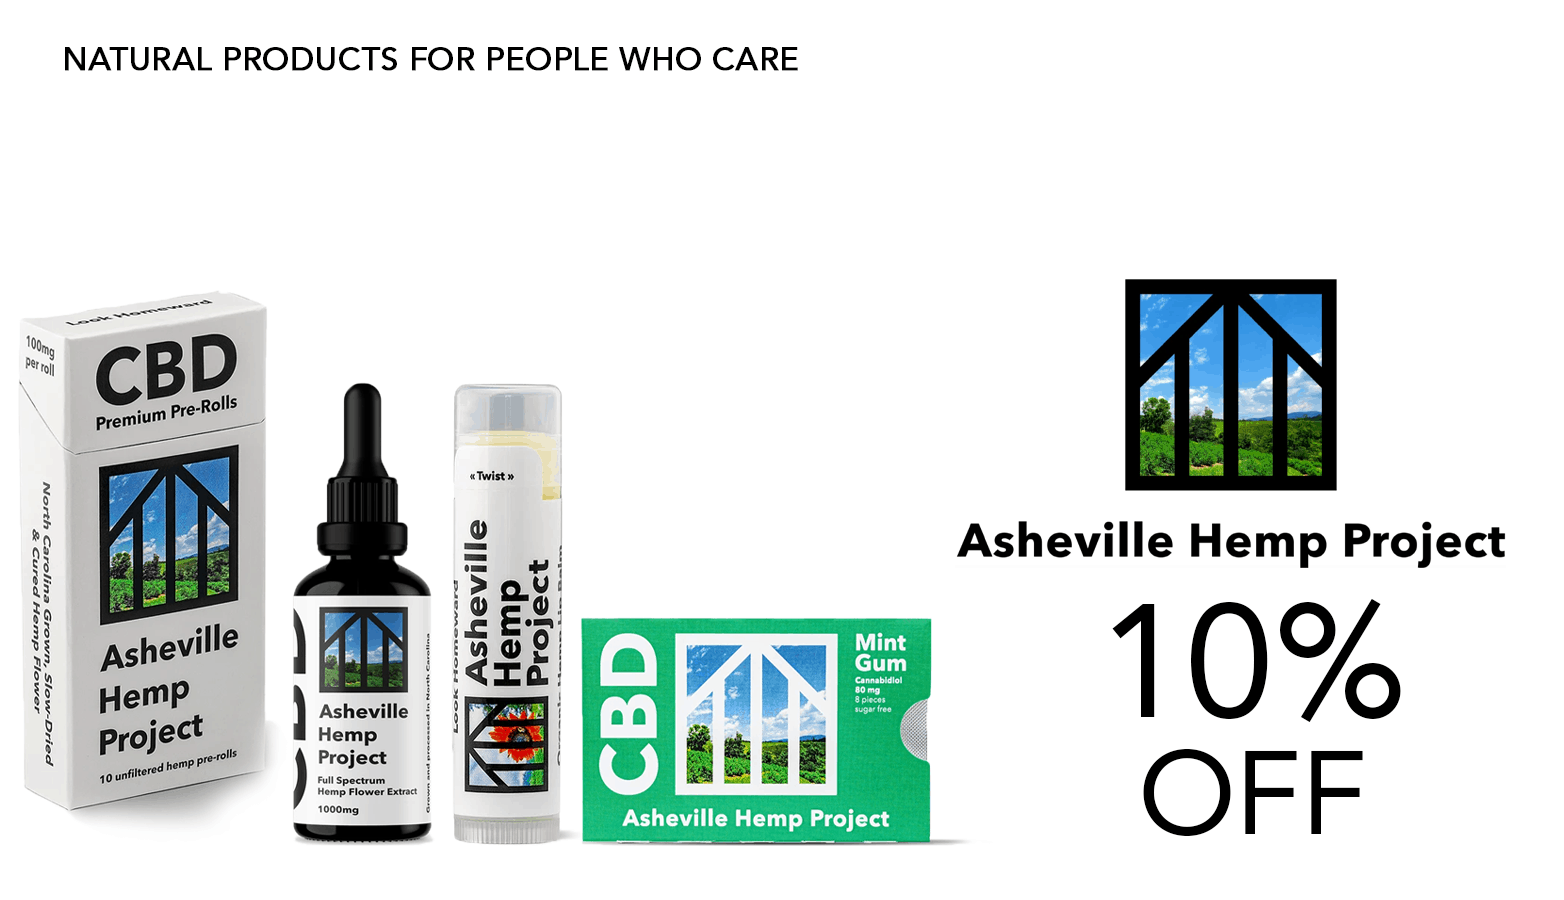 Asheville Hemp Project CBD Coupon Code Offer Website